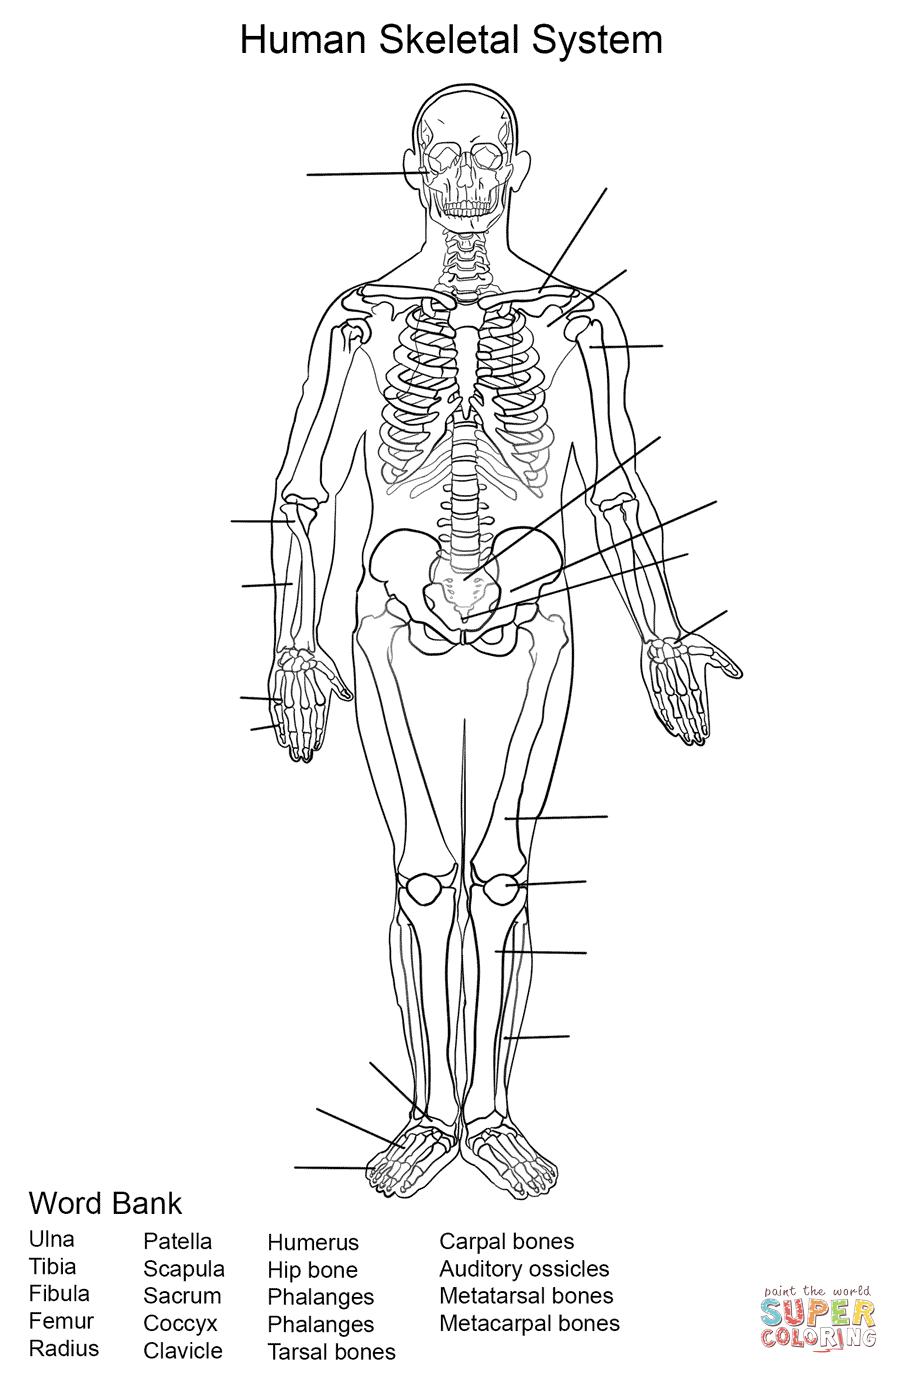 Worksheets. The Skeletal System Worksheet Answer Key